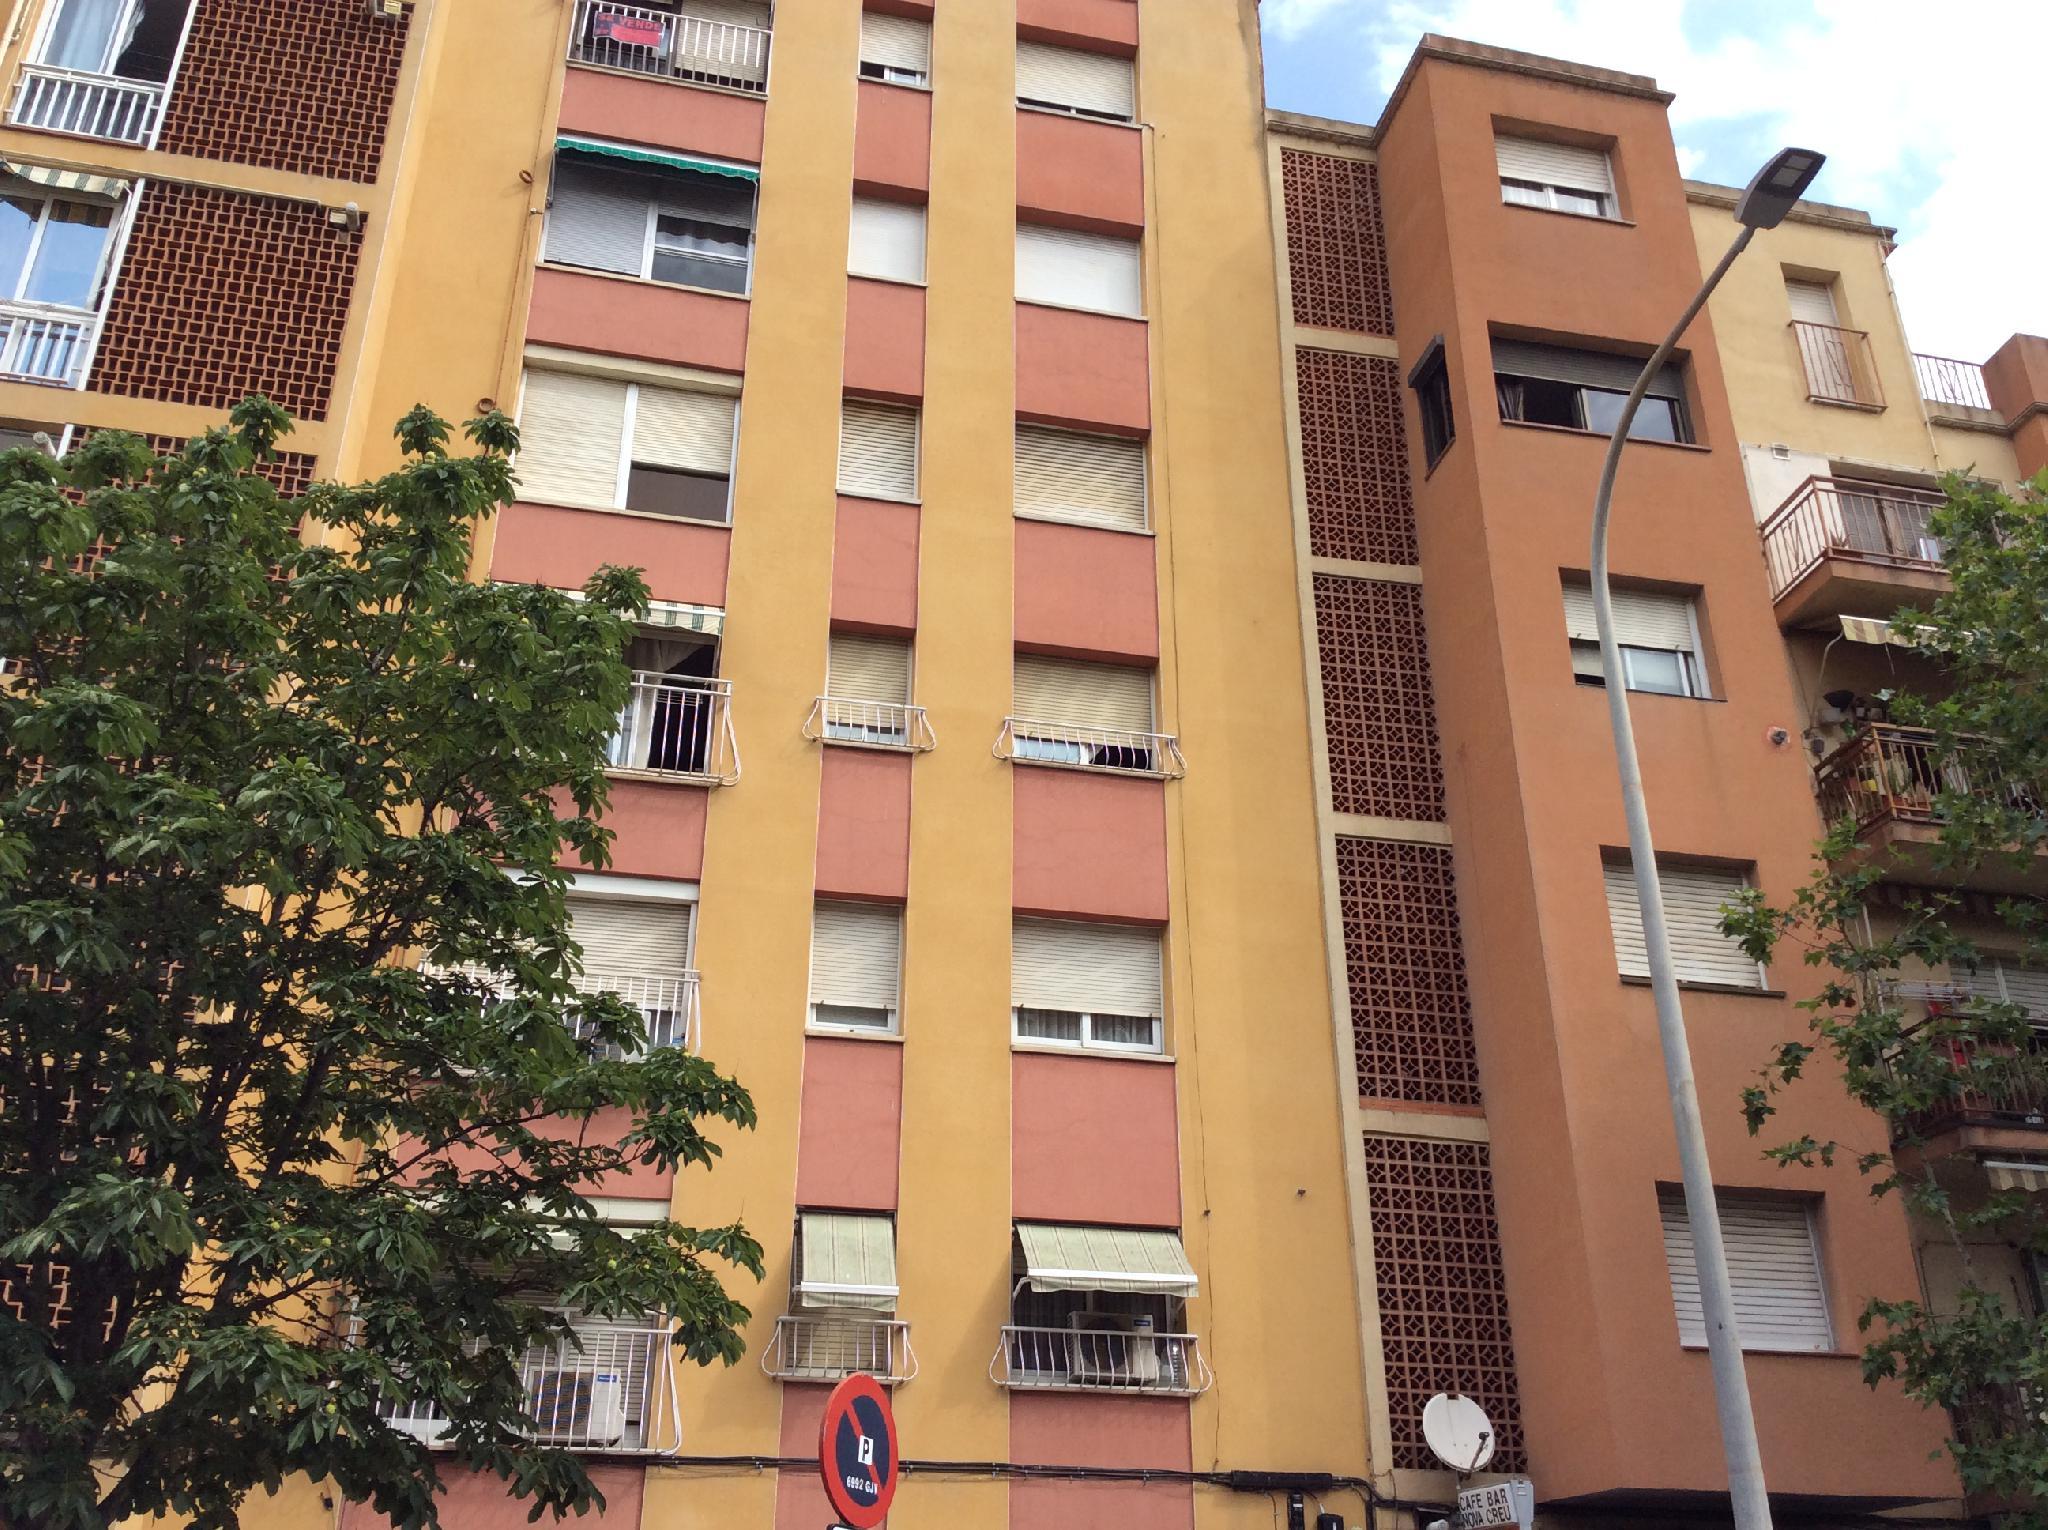 161697 - Ronda Pau Vila .